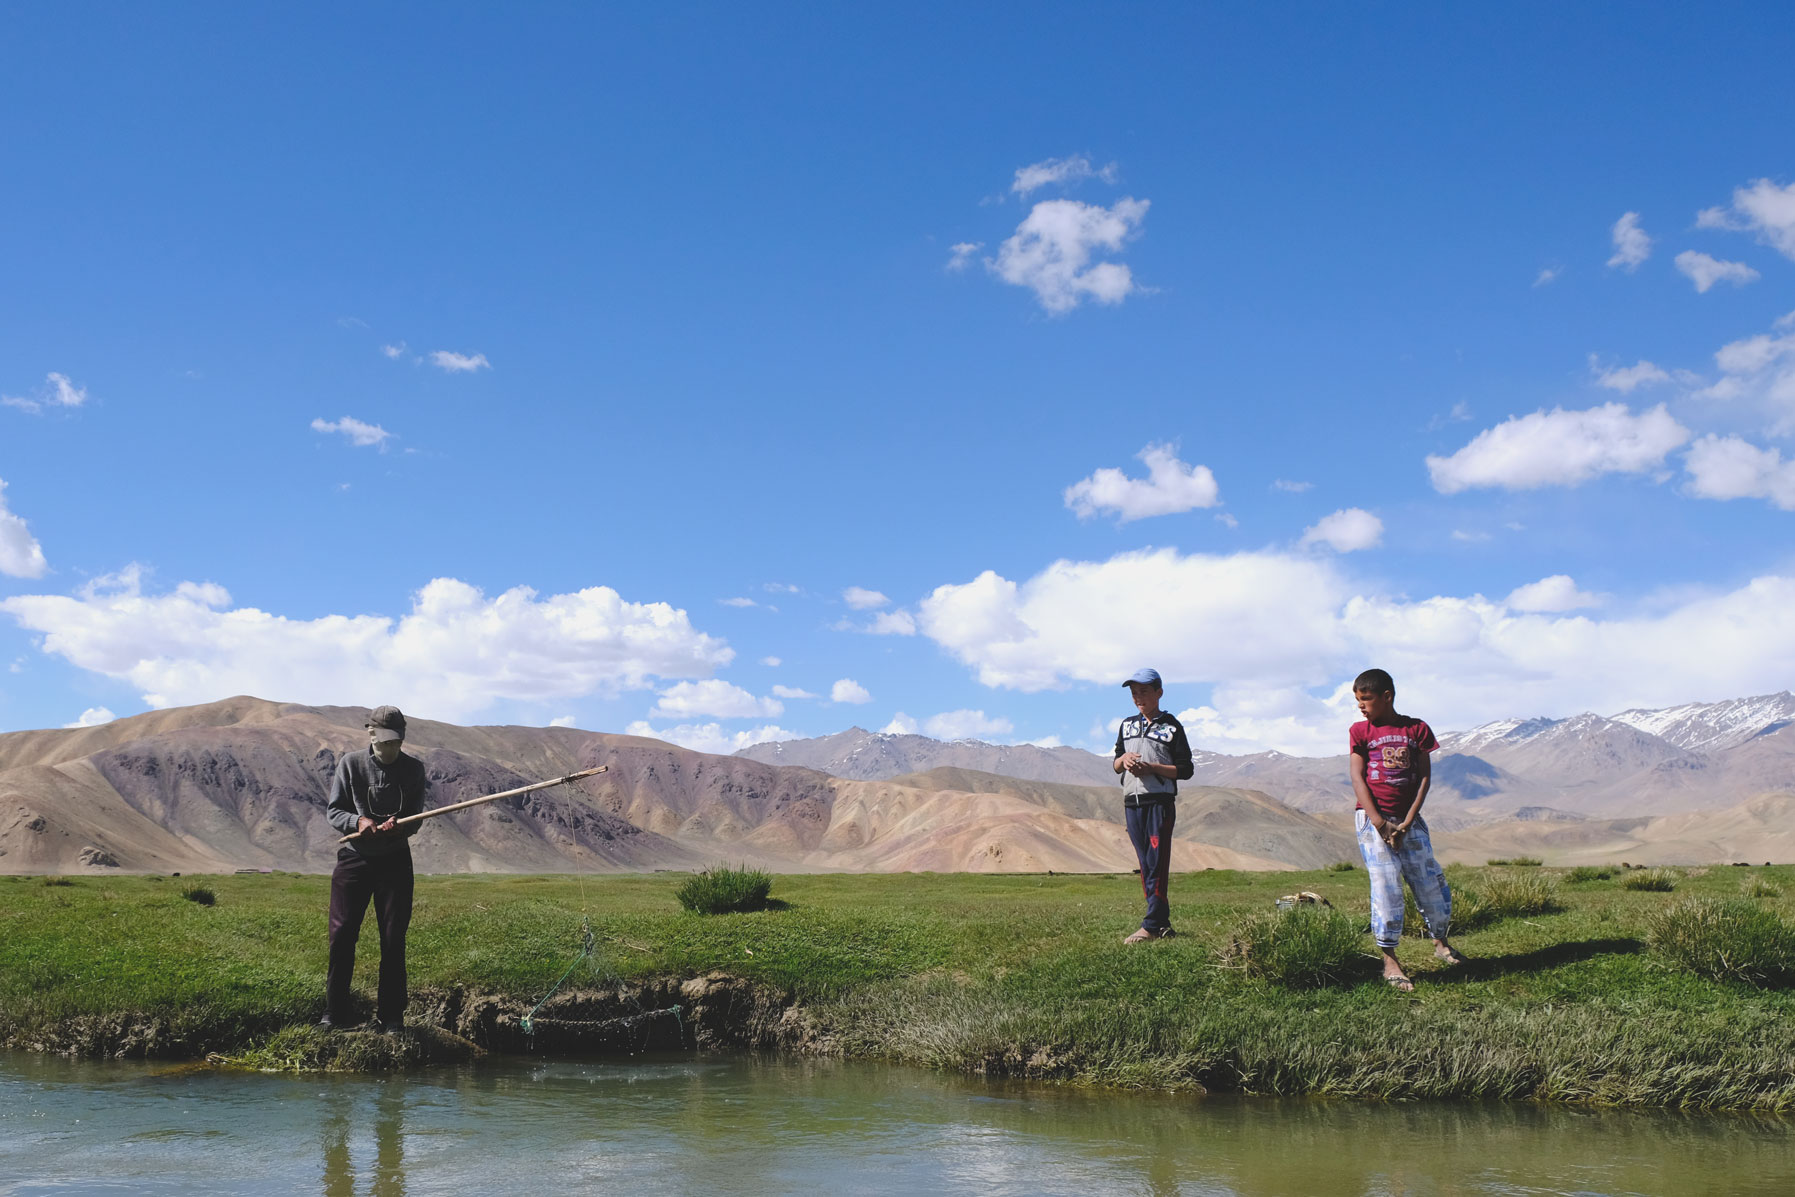 Ein Mann angelt an einem Fluss. Zwei Jungen schauen zu.